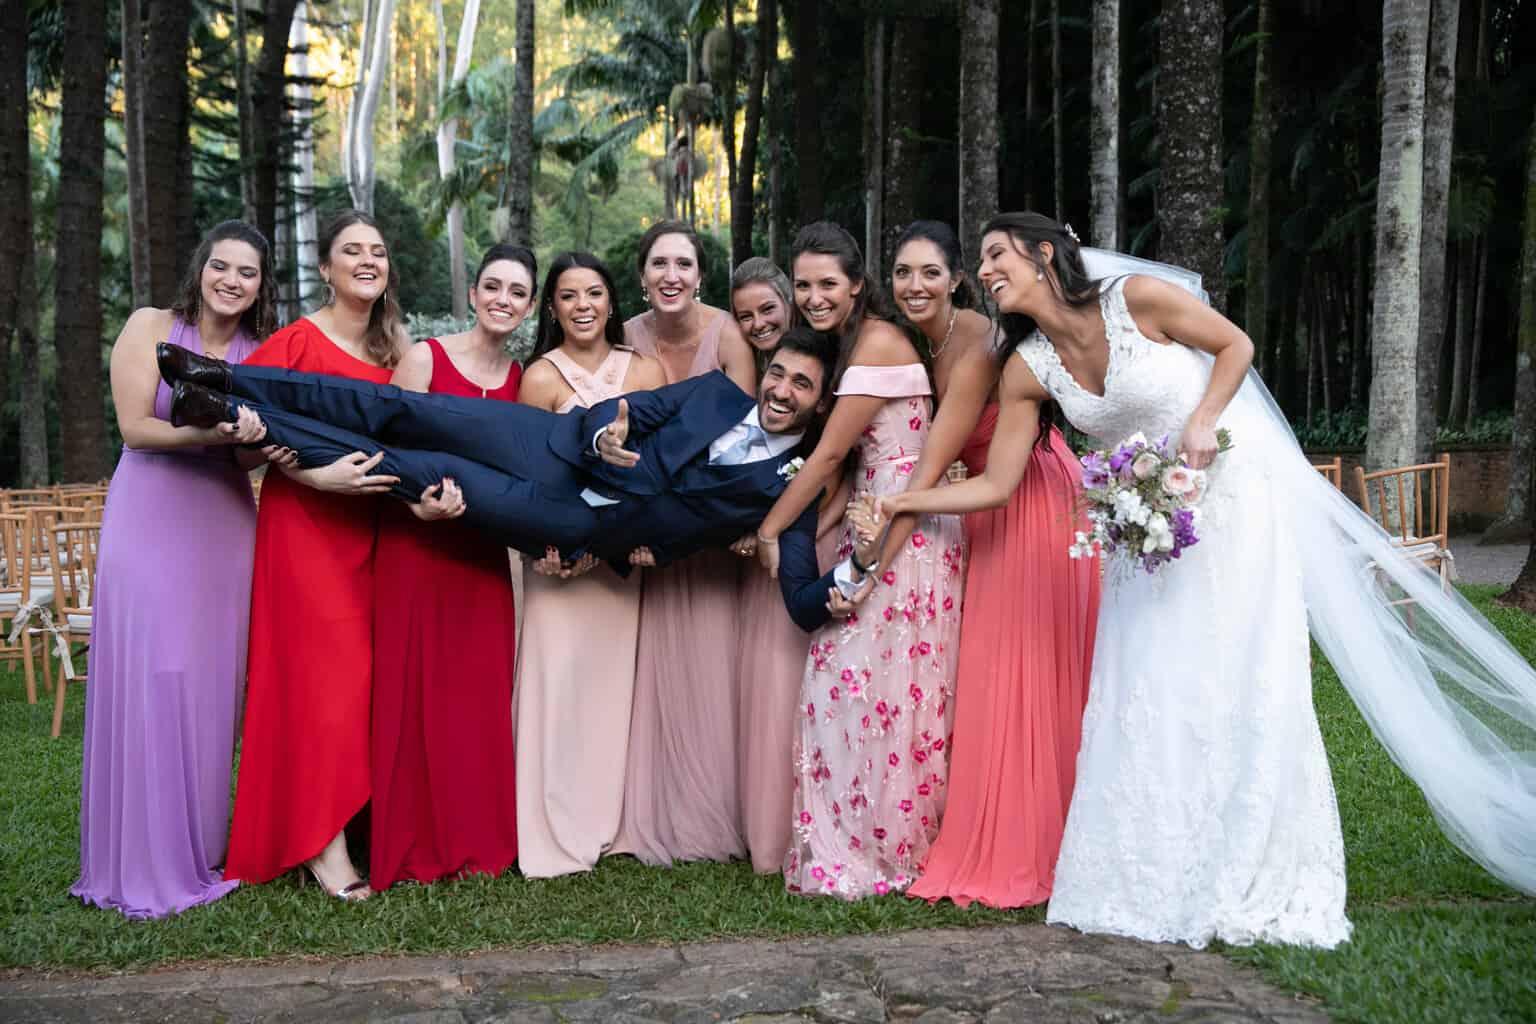 casamento-na-Fazenda-Vila-Rica-cerimonial-Ana-Paula-Tabet-Fotografia-Euka-Weddings-madrinhas-padrinhos-Renata-e-Gabriel114